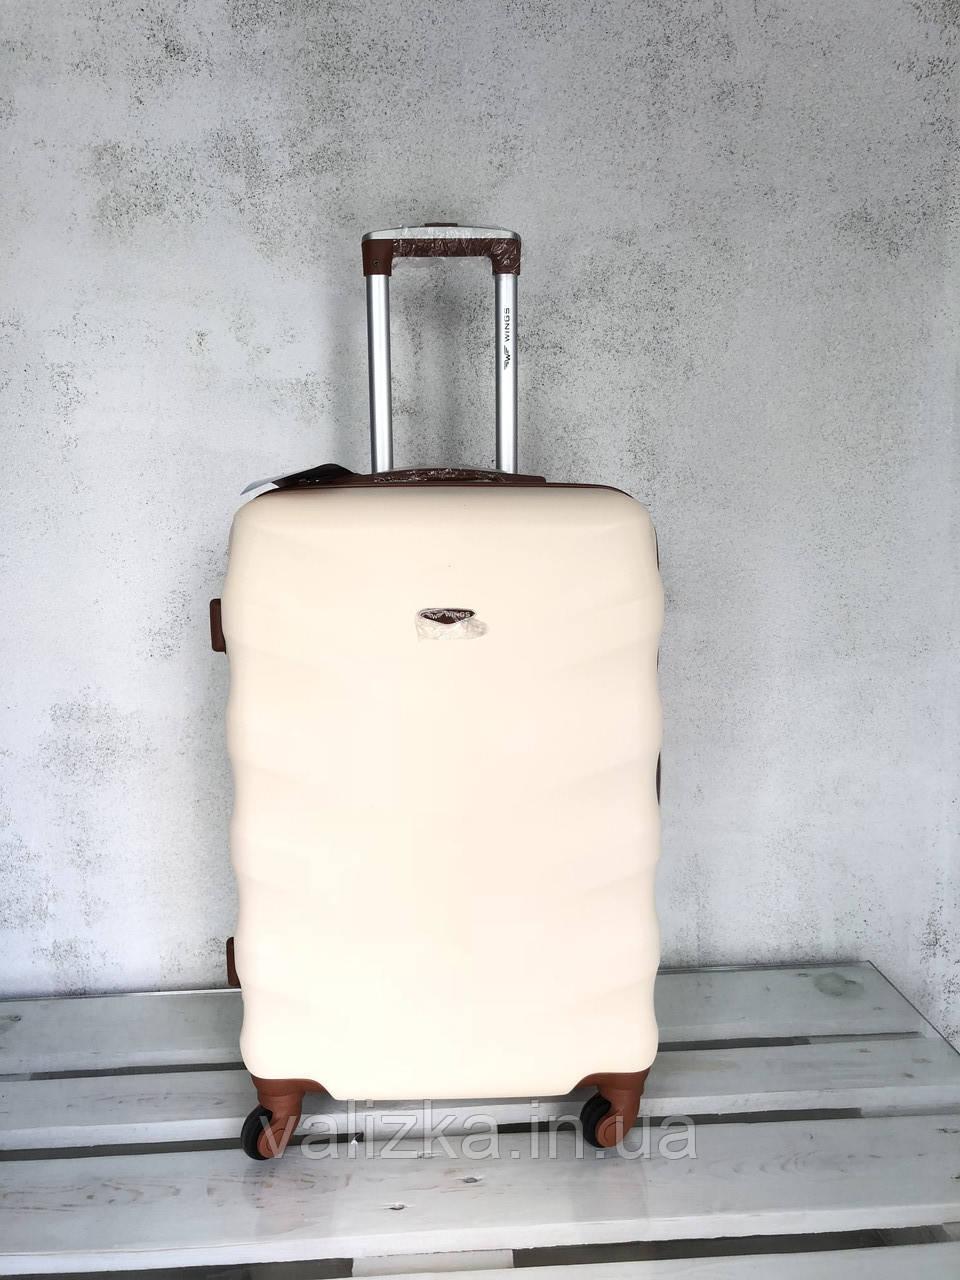 Чемодан из поликарбоната средний чемодан молочный Польша / Валіза середня з полікарбонату